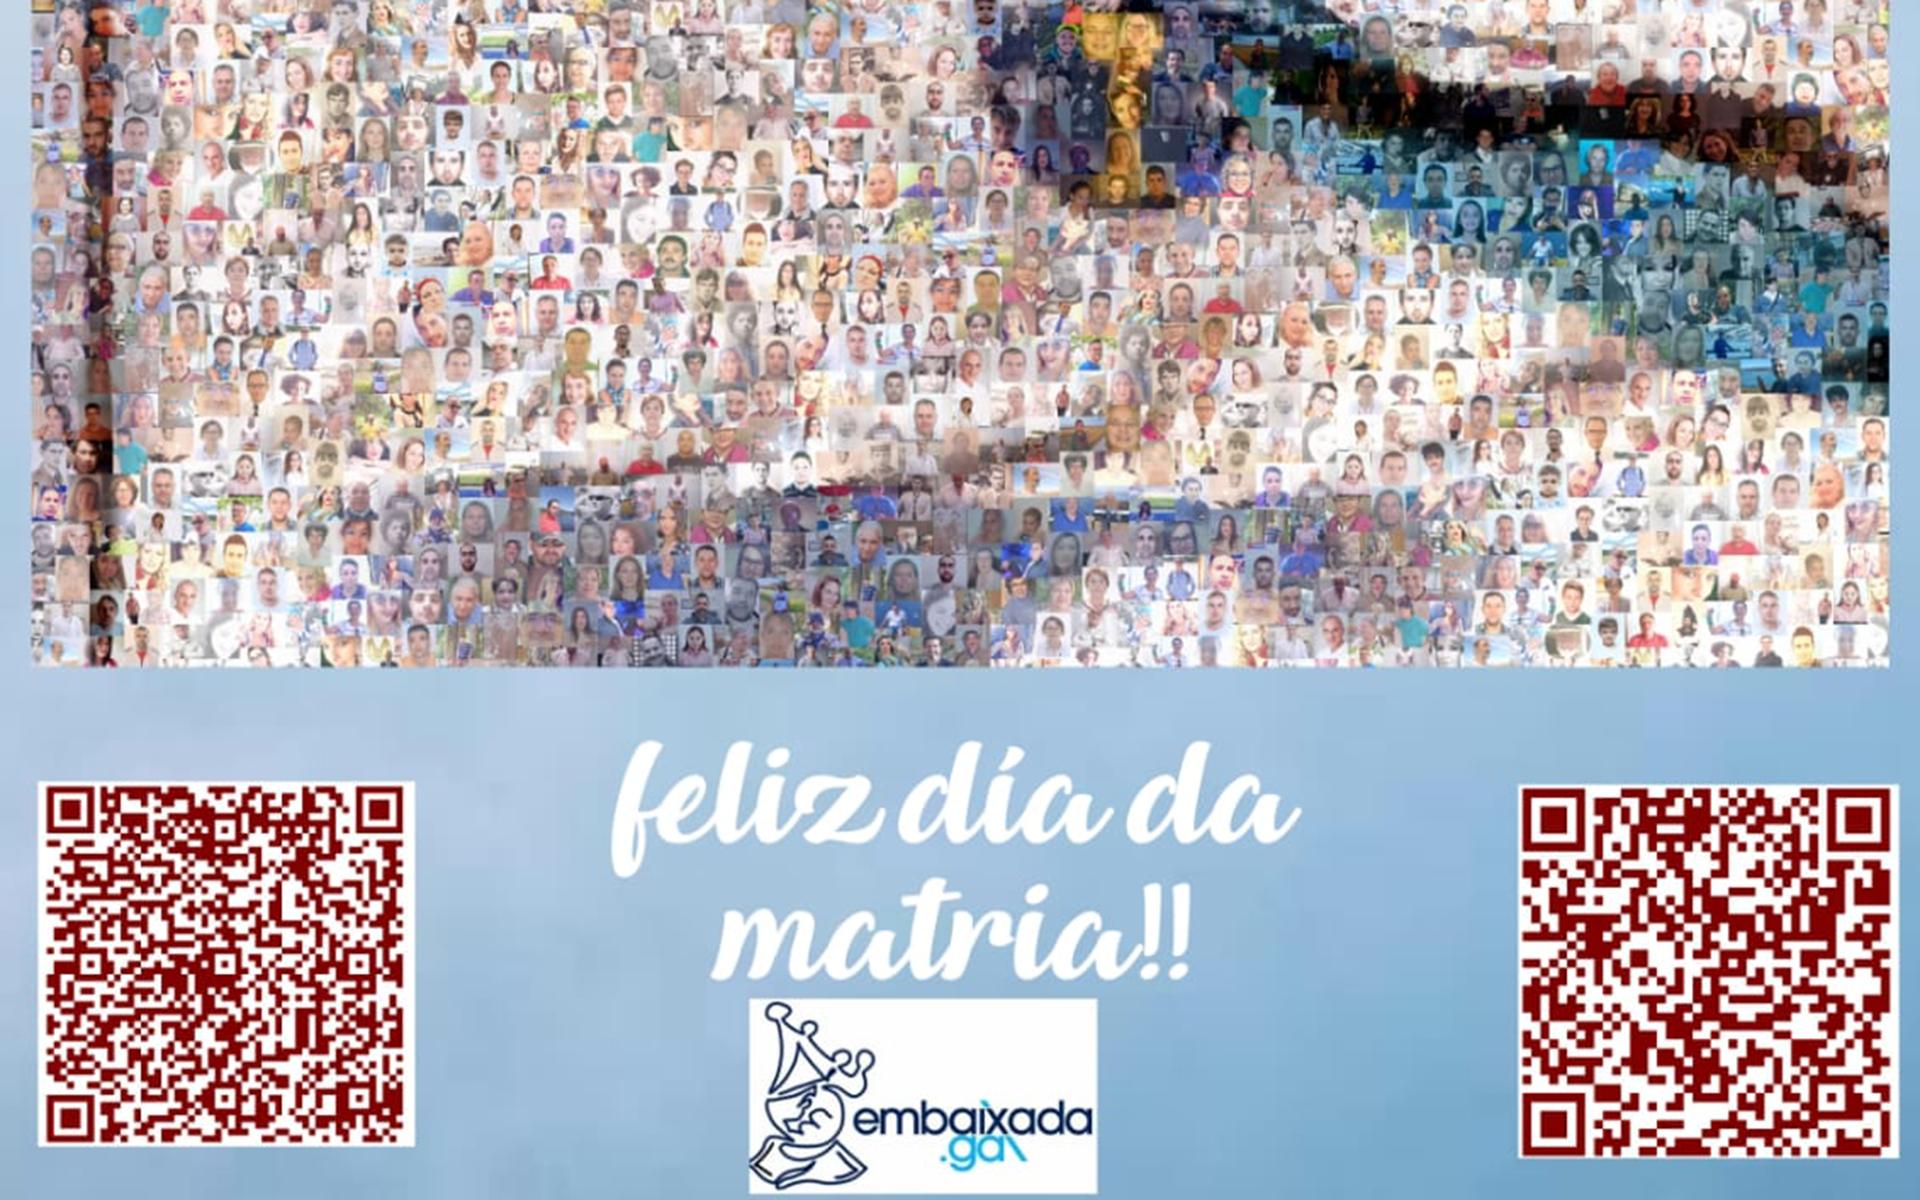 Galicia somos todos 2 web